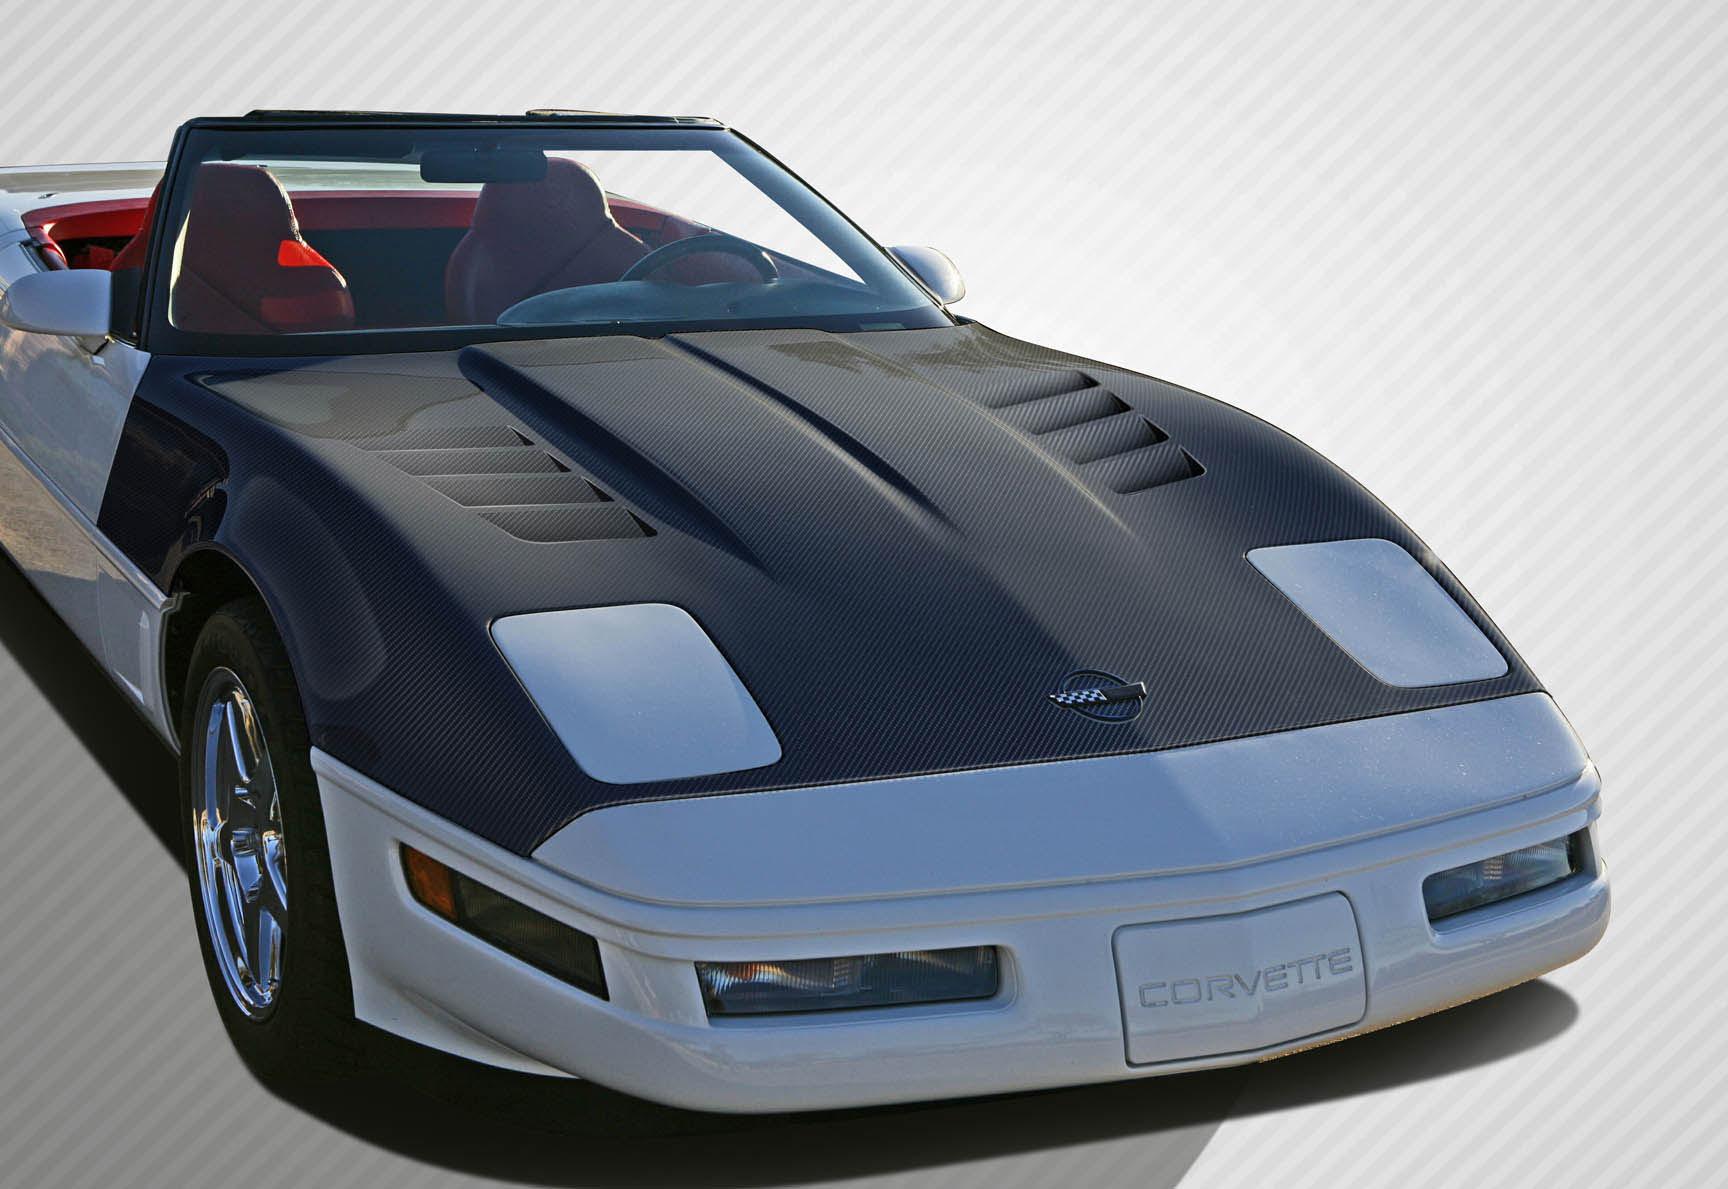 1984 1996 Chevrolet Corvette C4 Carbon Creations GT Concept Hood 1